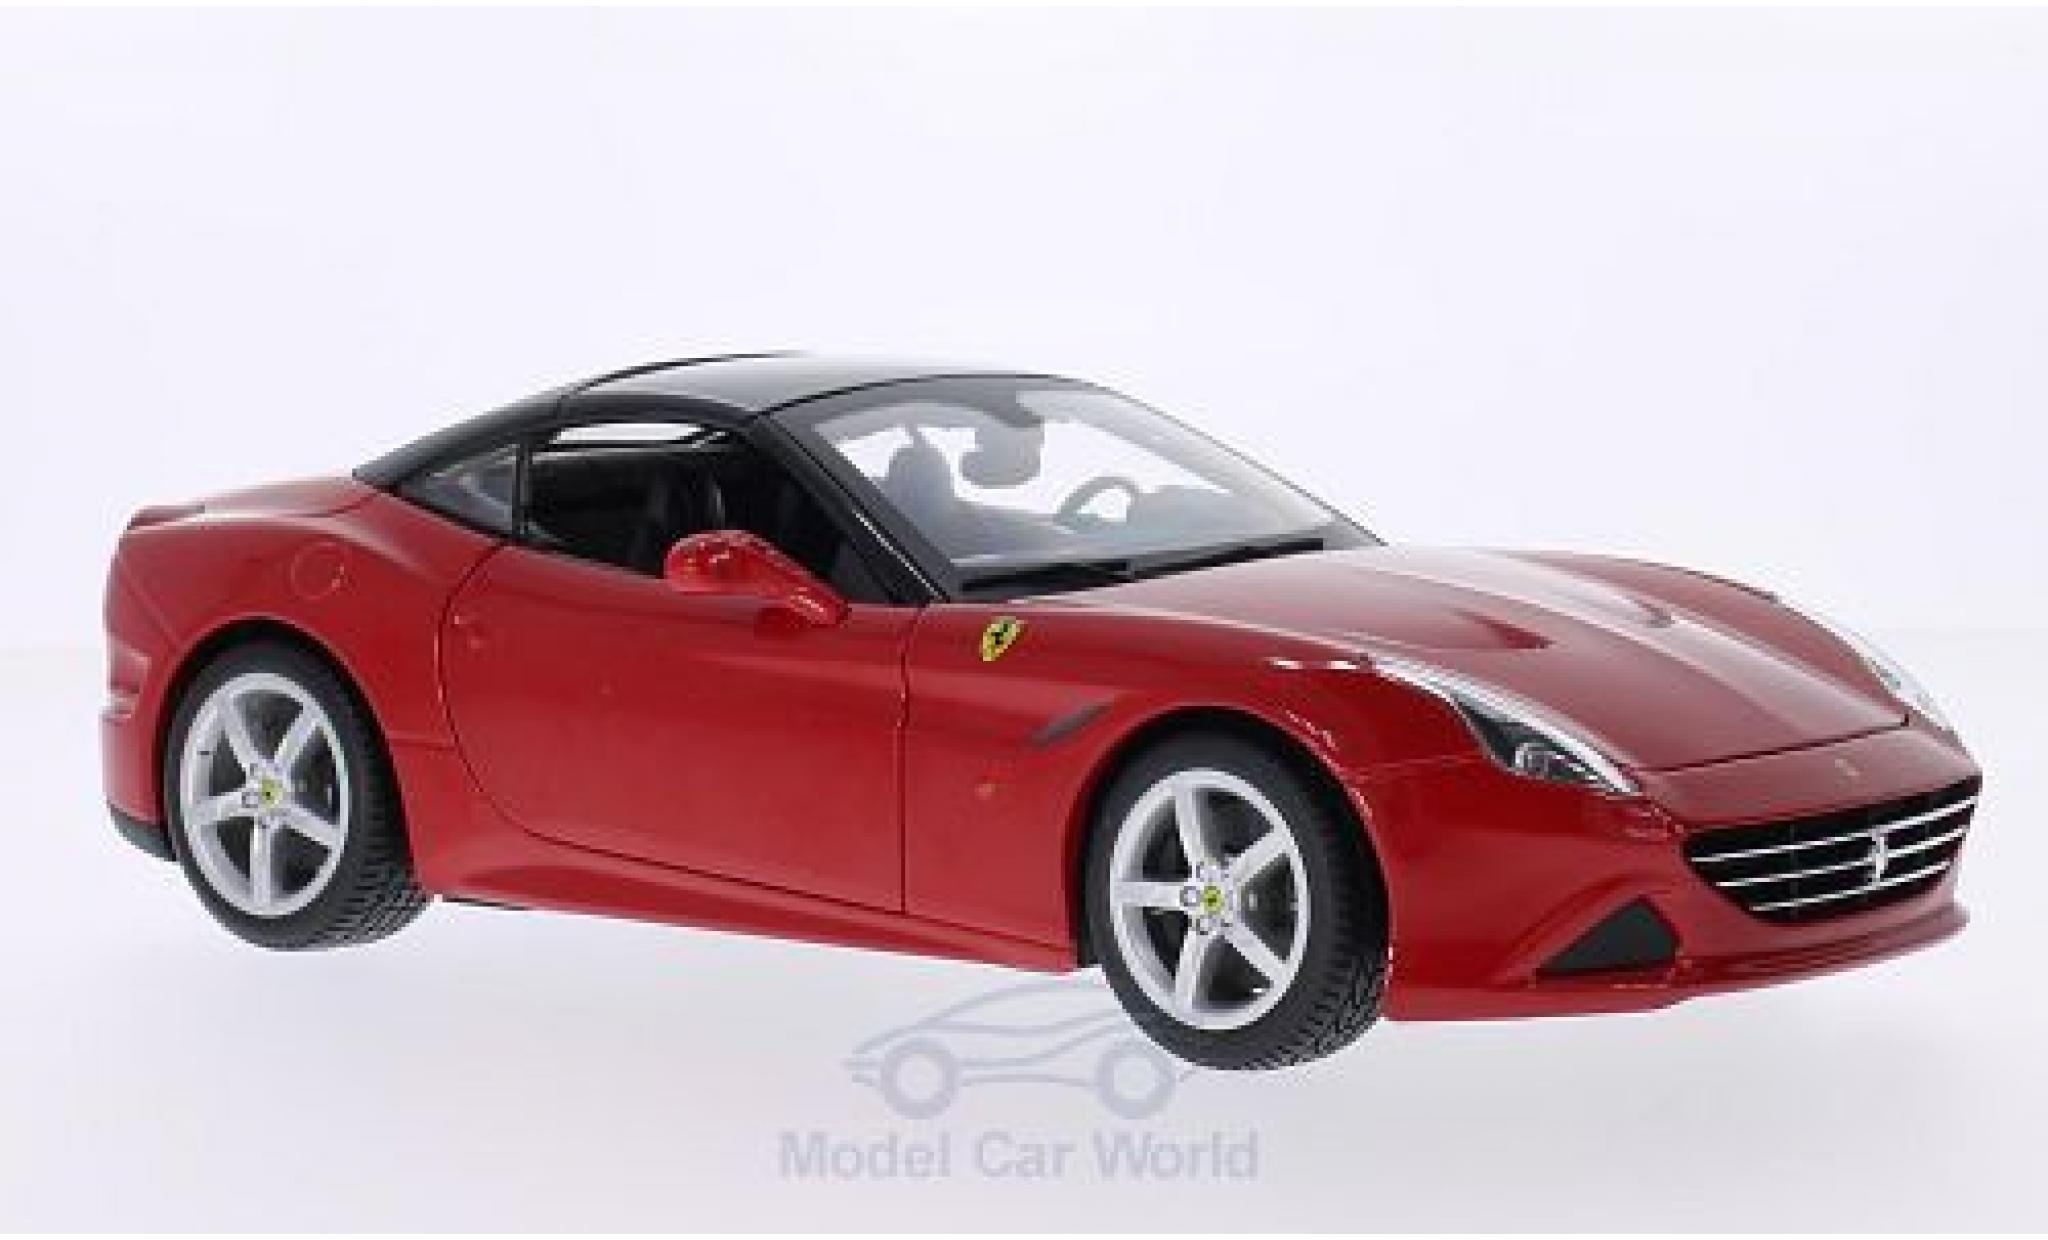 Ferrari California 1/18 Bburago T rot/schwarz 2014 Verdeck geschlossen